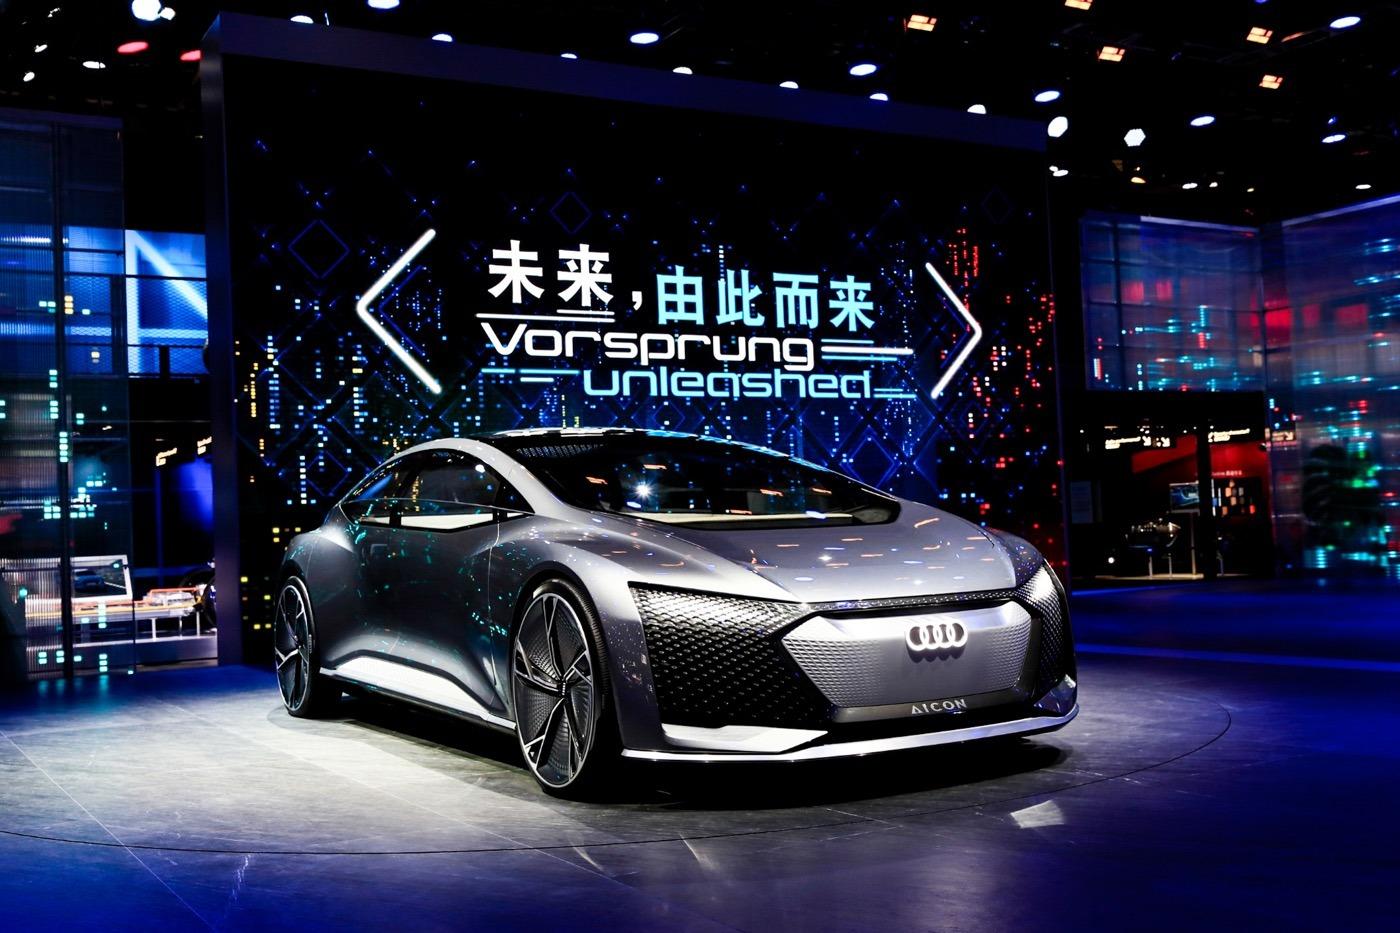 未来 由此而来,一汽-大众奥迪携多款明星车型亮相上海车展